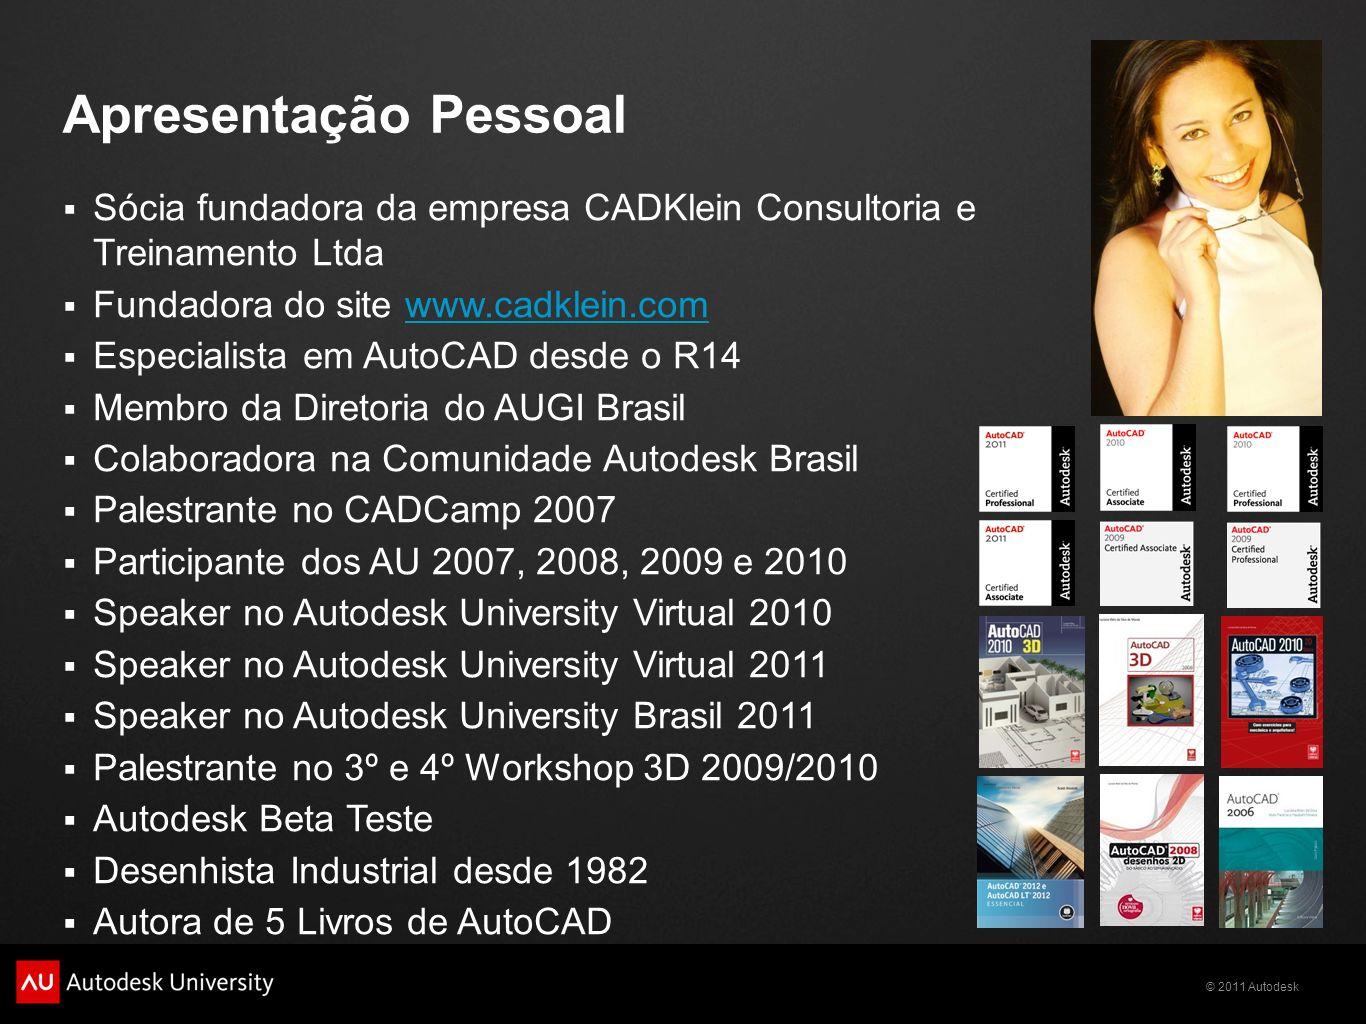 © 2011 Autodesk Apresentação Pessoal Sócia fundadora da empresa CADKlein Consultoria e Treinamento Ltda Fundadora do site www.cadklein.comwww.cadklein.com Especialista em AutoCAD desde o R14 Membro da Diretoria do AUGI Brasil Colaboradora na Comunidade Autodesk Brasil Palestrante no CADCamp 2007 Participante dos AU 2007, 2008, 2009 e 2010 Speaker no Autodesk University Virtual 2010 Speaker no Autodesk University Virtual 2011 Speaker no Autodesk University Brasil 2011 Palestrante no 3º e 4º Workshop 3D 2009/2010 Autodesk Beta Teste Desenhista Industrial desde 1982 Autora de 5 Livros de AutoCAD